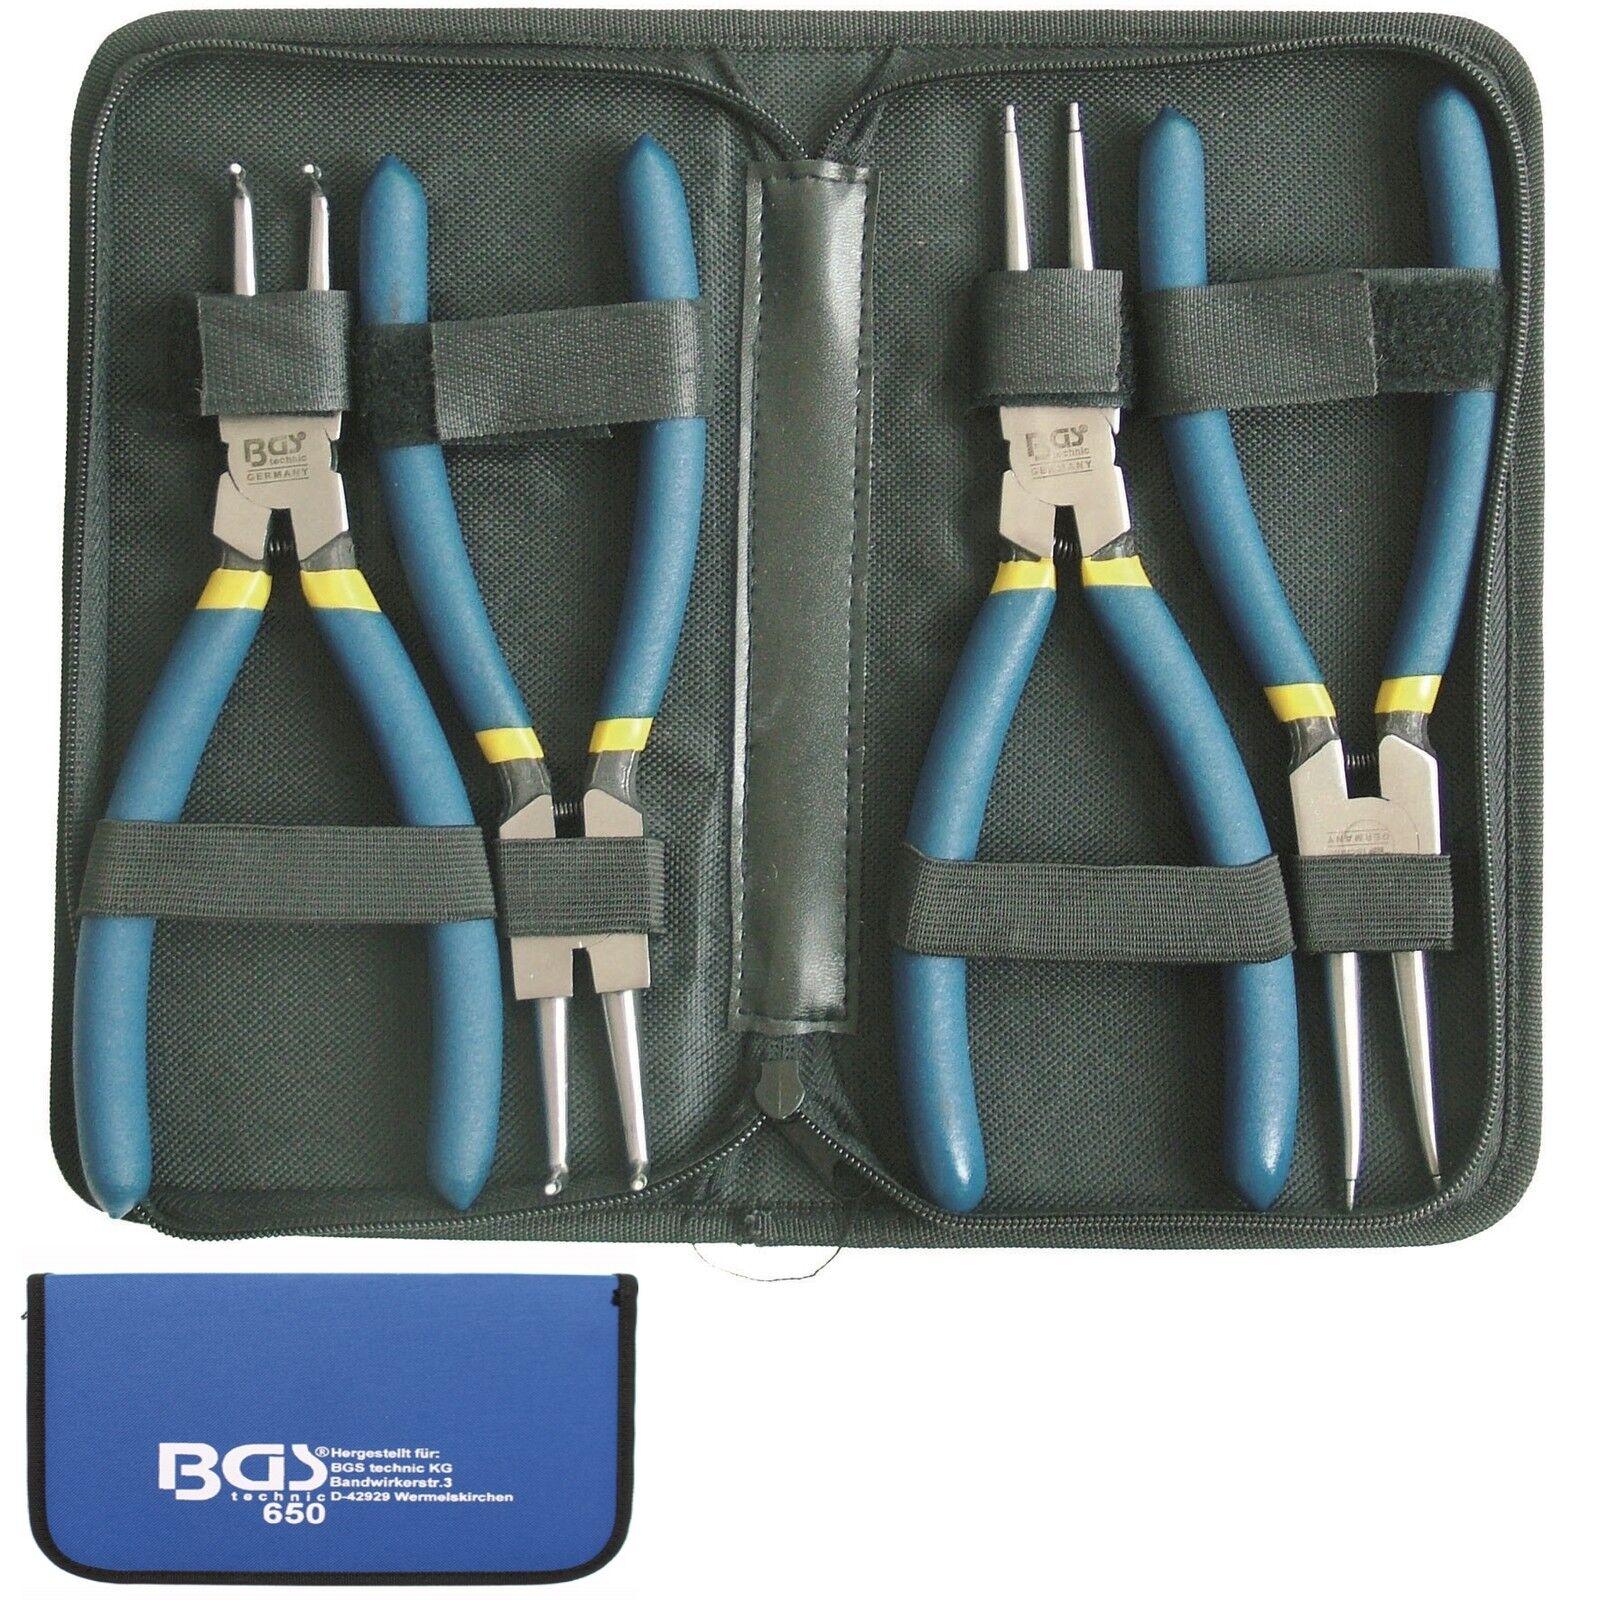 BGS  4x Sicherungsring Zange Satz Sprengringzange Sprengring Sicherungsringzange | Creative  | Feinen Qualität  | Große Auswahl  | Good Design